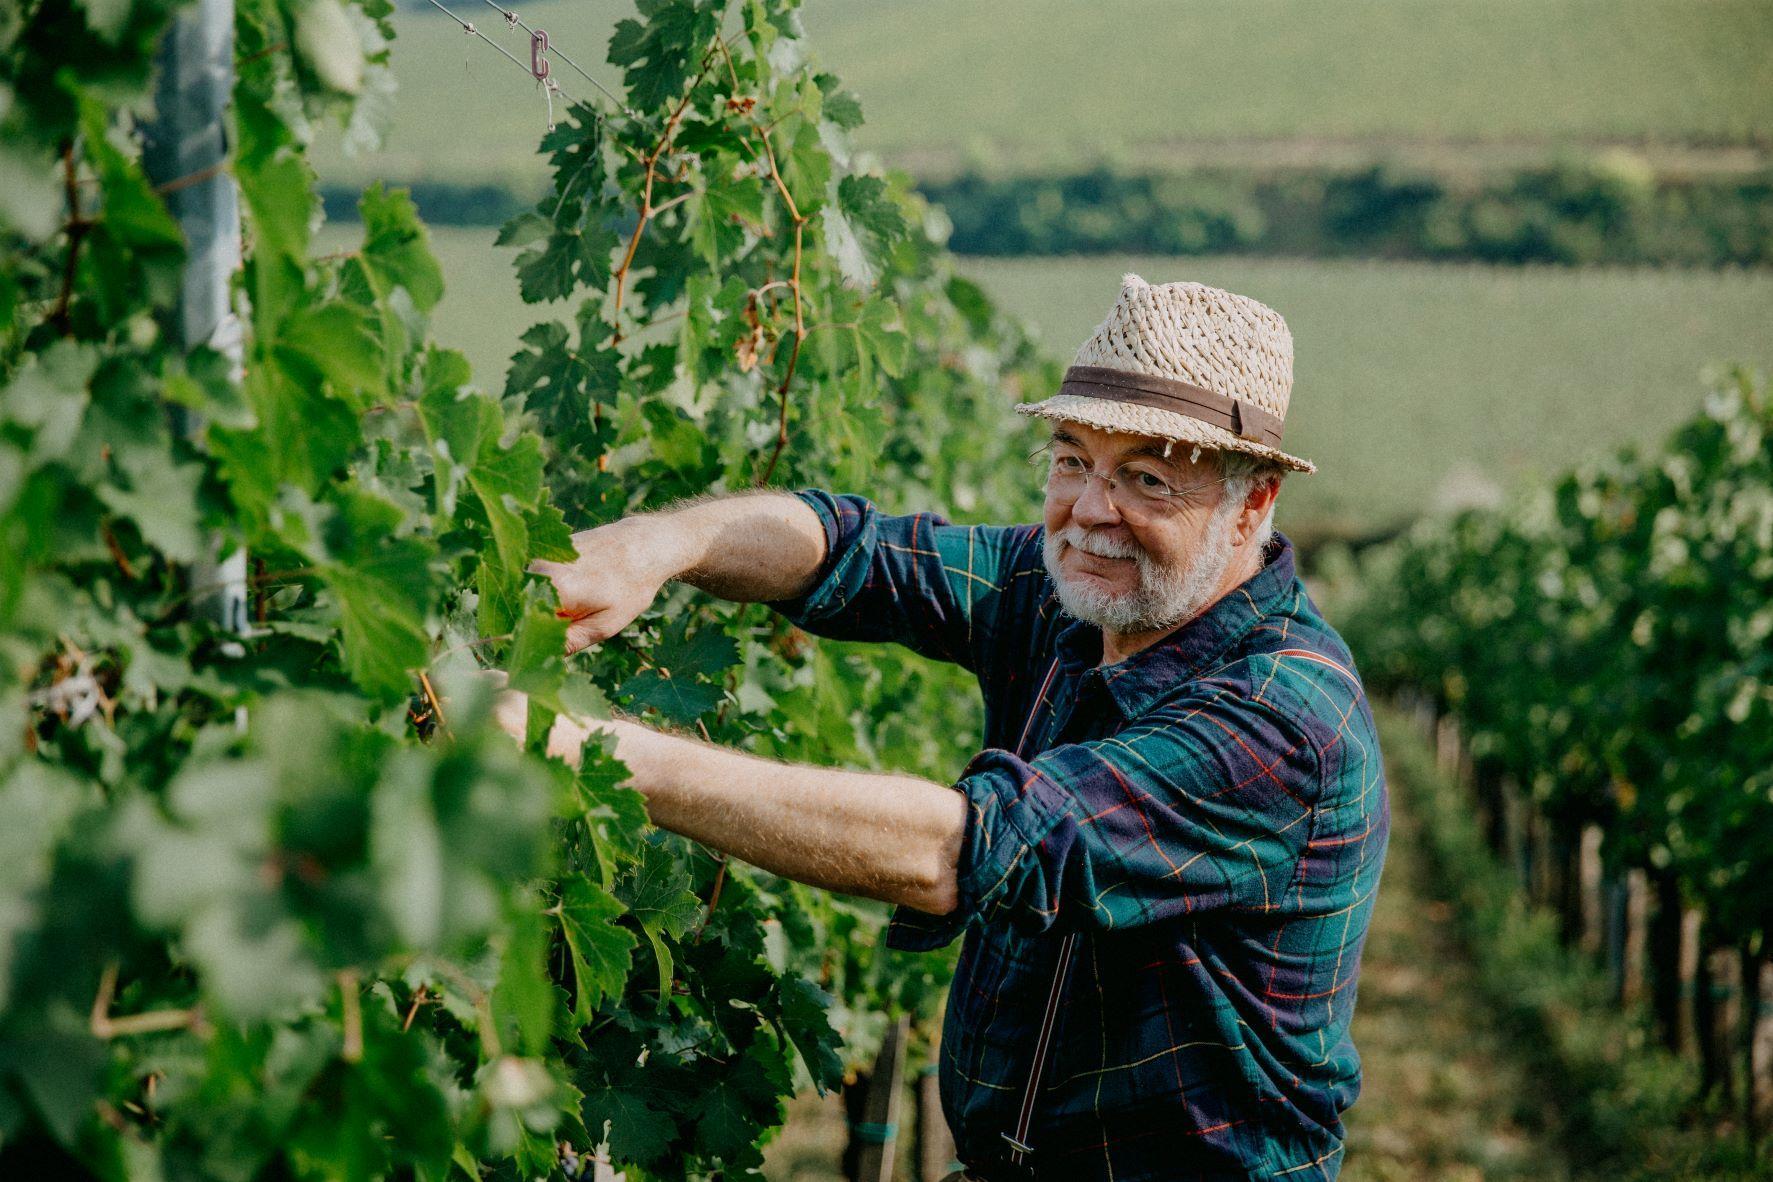 Mit csinál a borász nyáron?